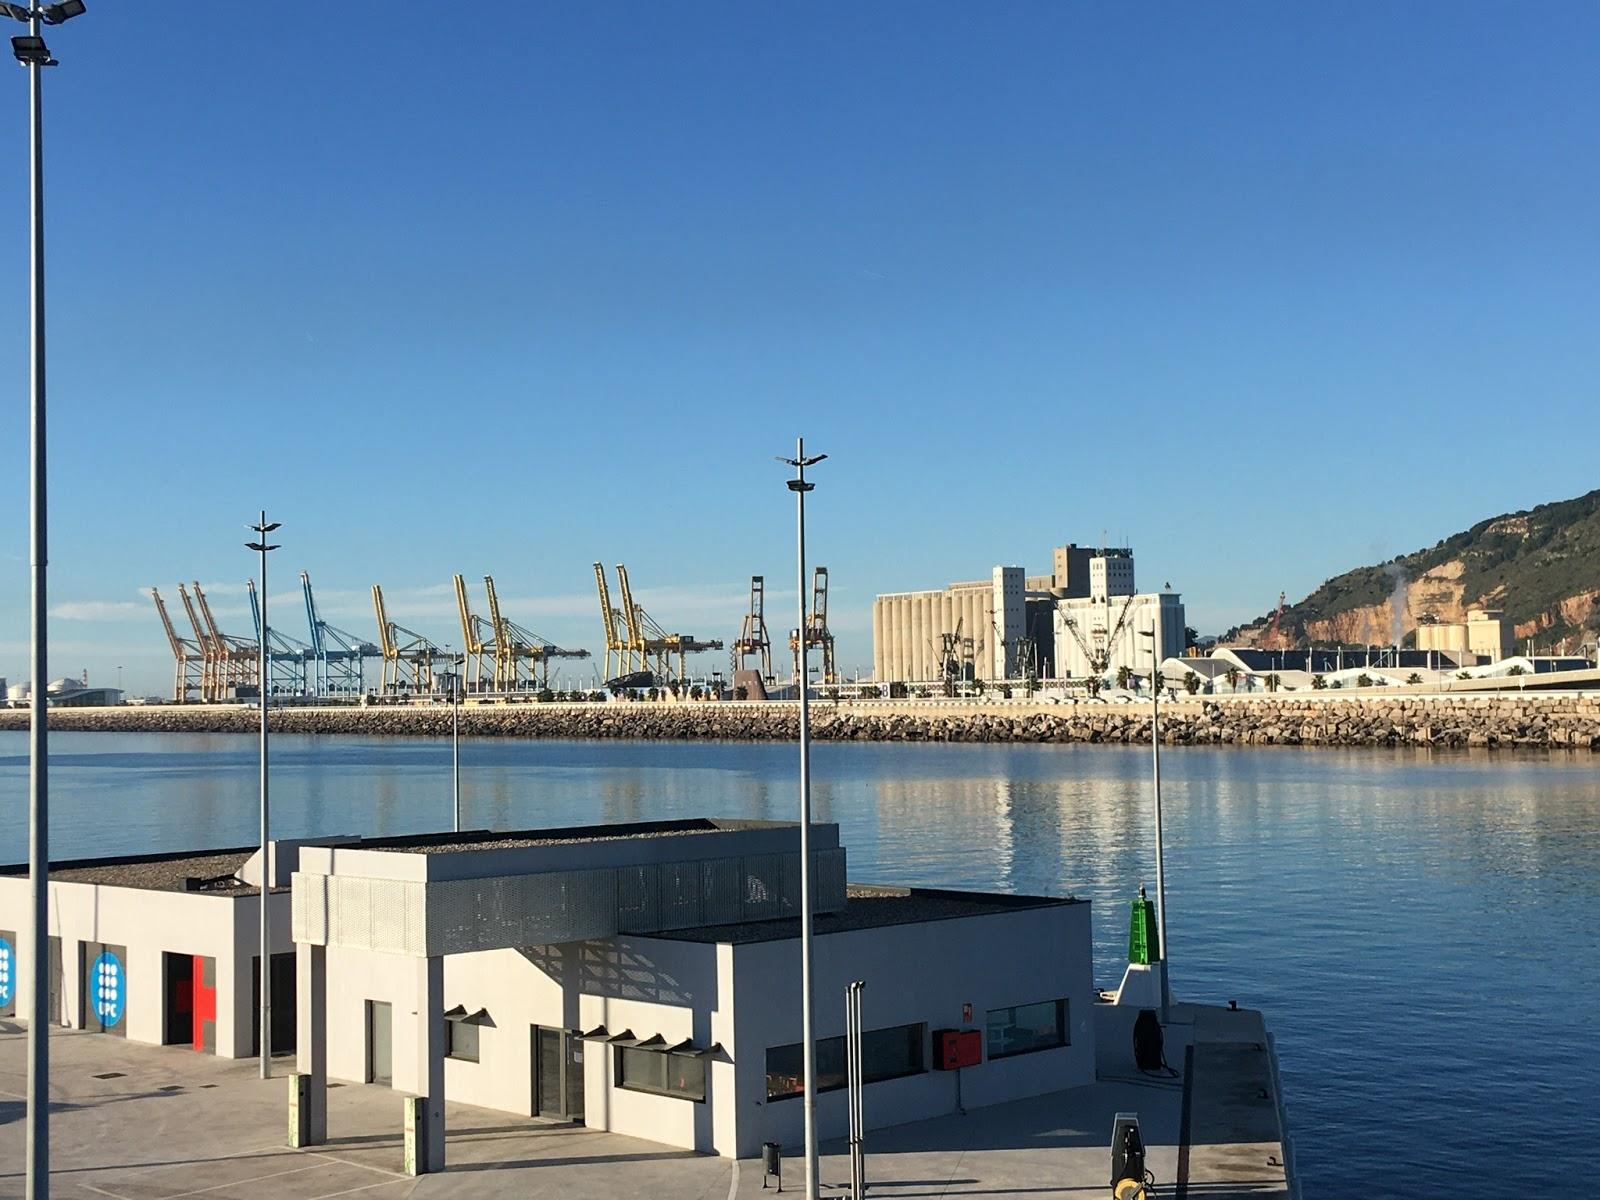 Grúas del puerto de Barcelona, diciembre 2019